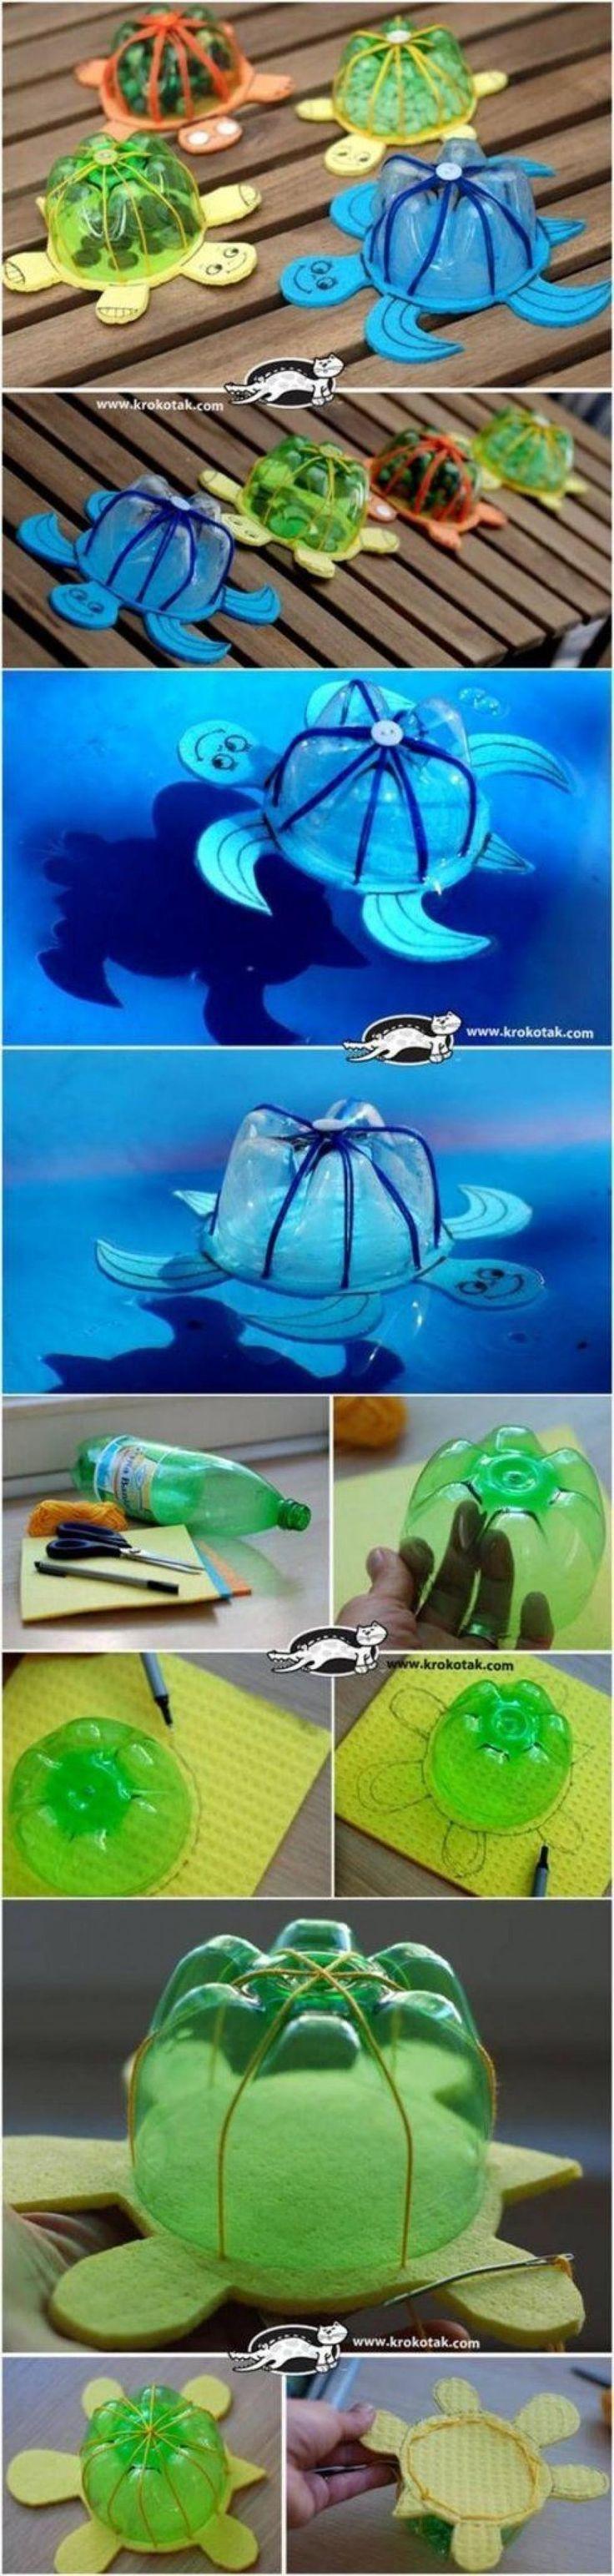 Récupérez toutes les bouteilles de plastique que vous pouvez! Vous pourrez les utilisez dès maintenant et pour le reste de l'été!